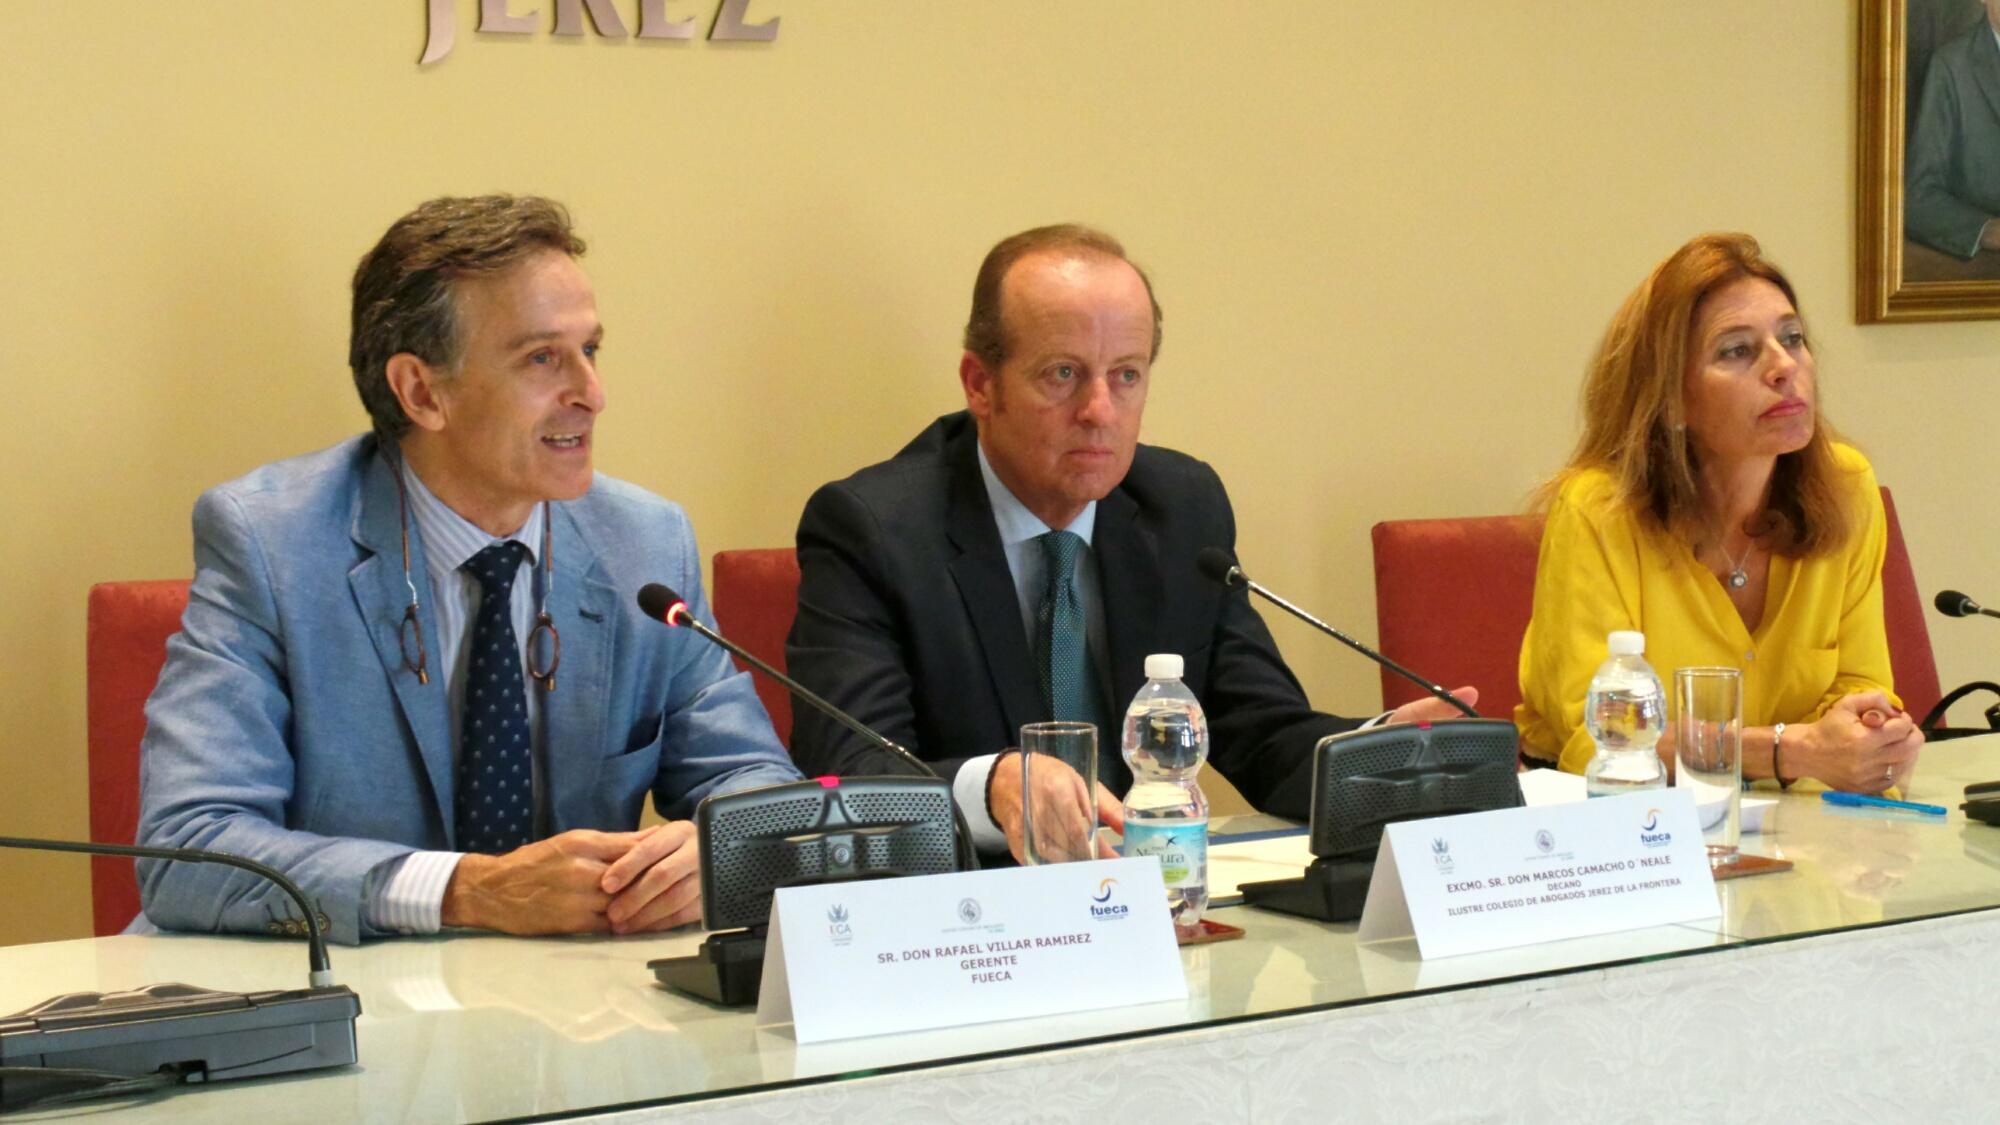 Colegio de Abogados de Jerez - Entrega de Diplomas 4